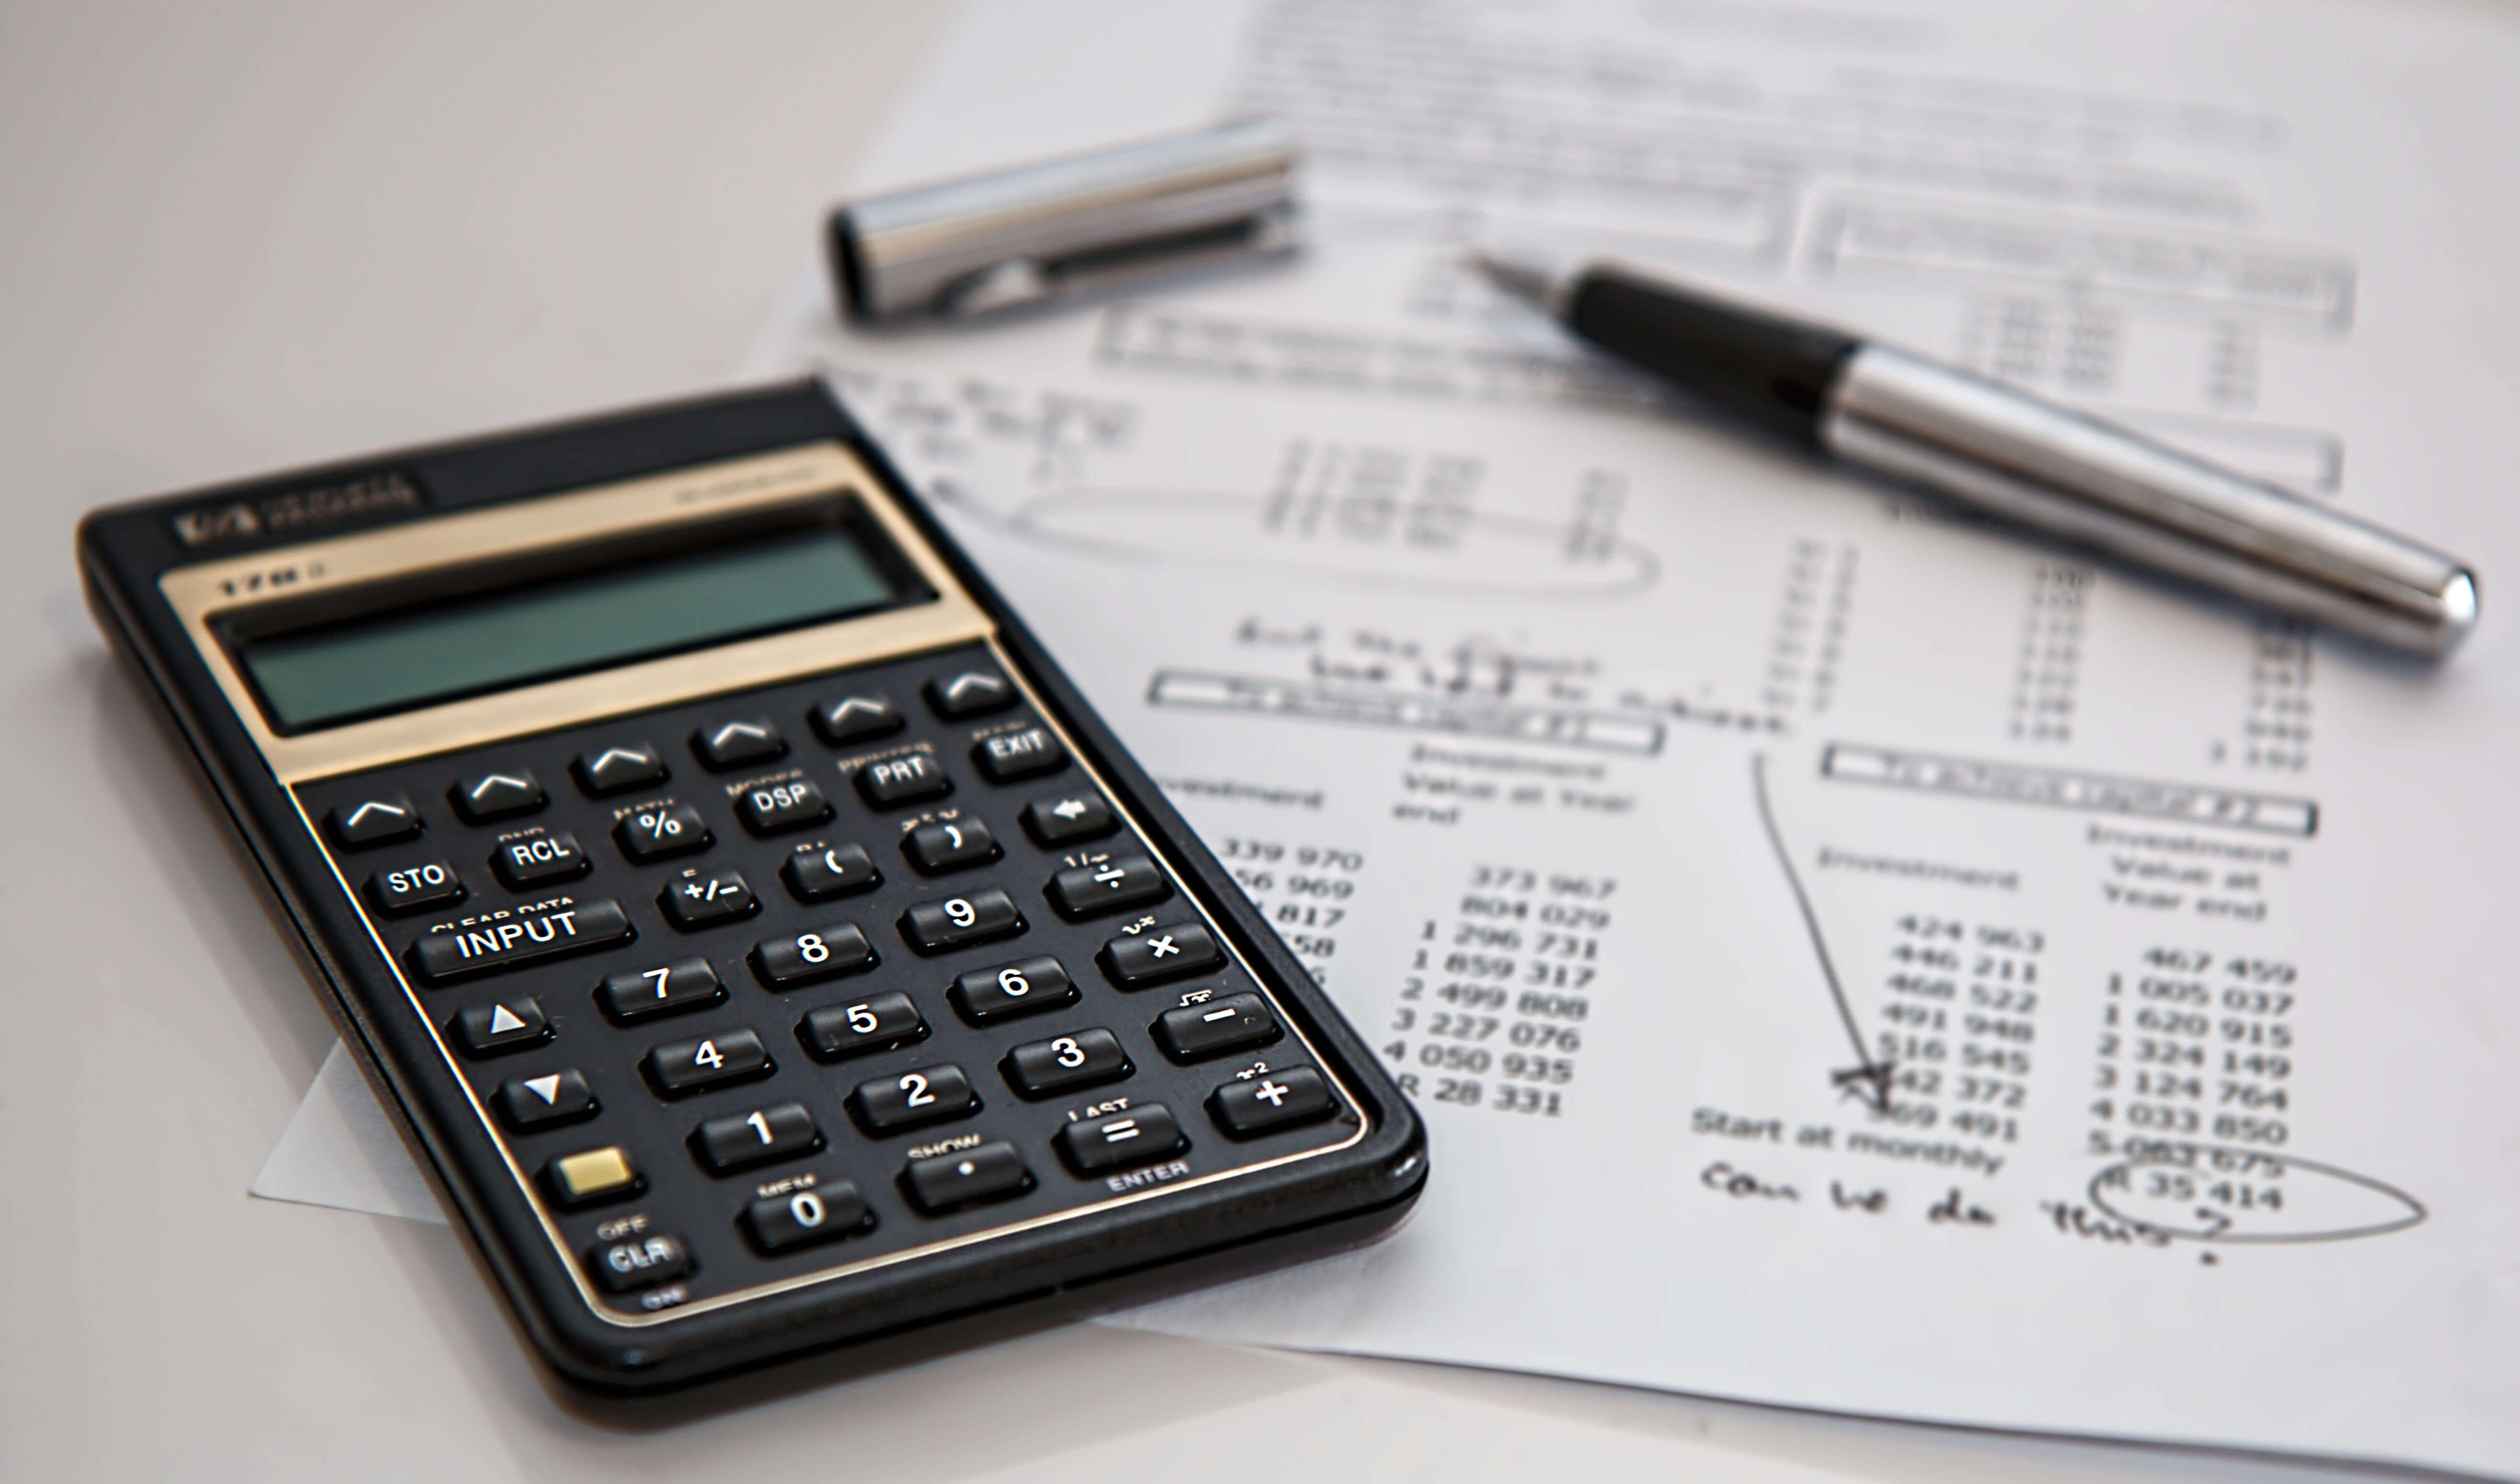 rekenmachine met berekeningen